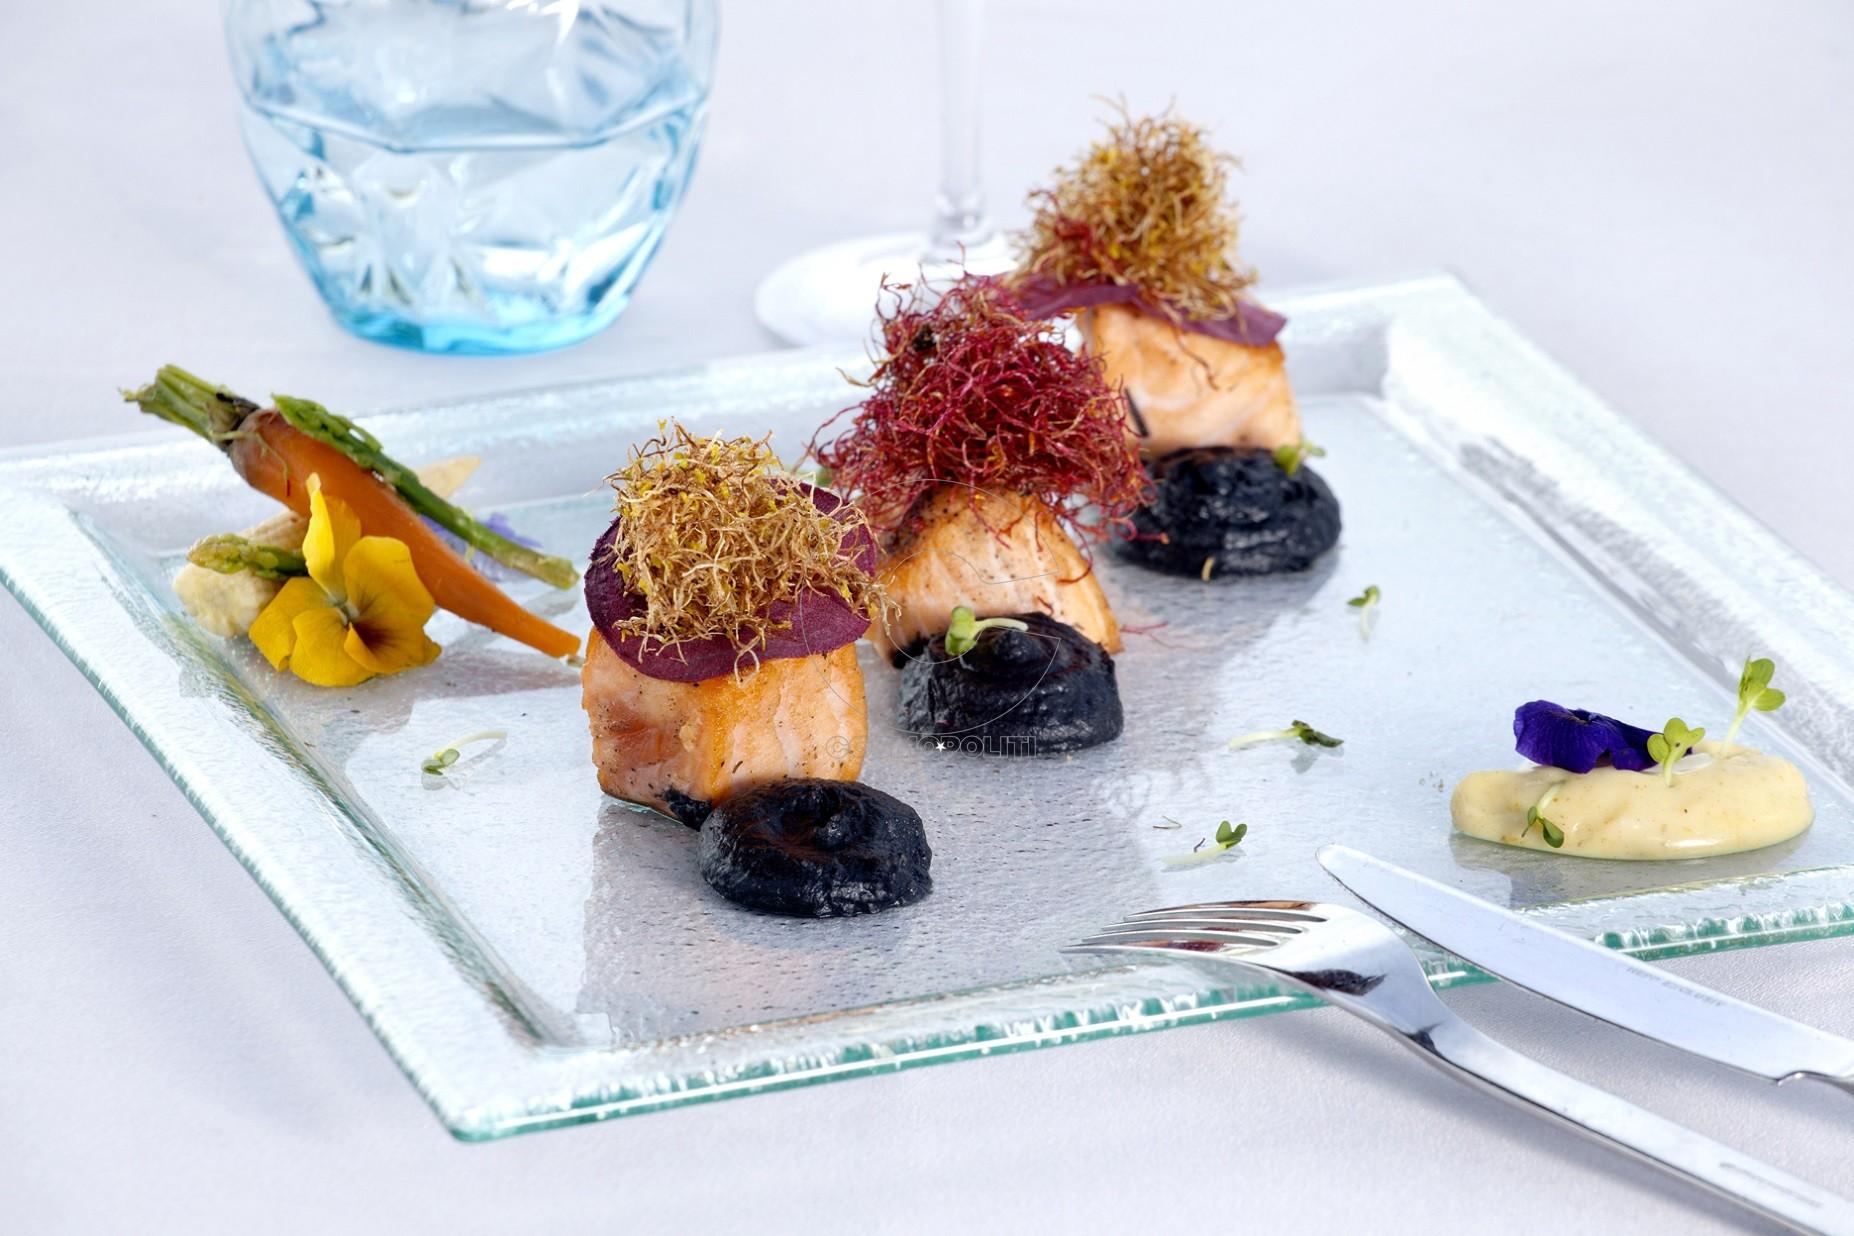 melia athens-sky lounge_salmon_fillet